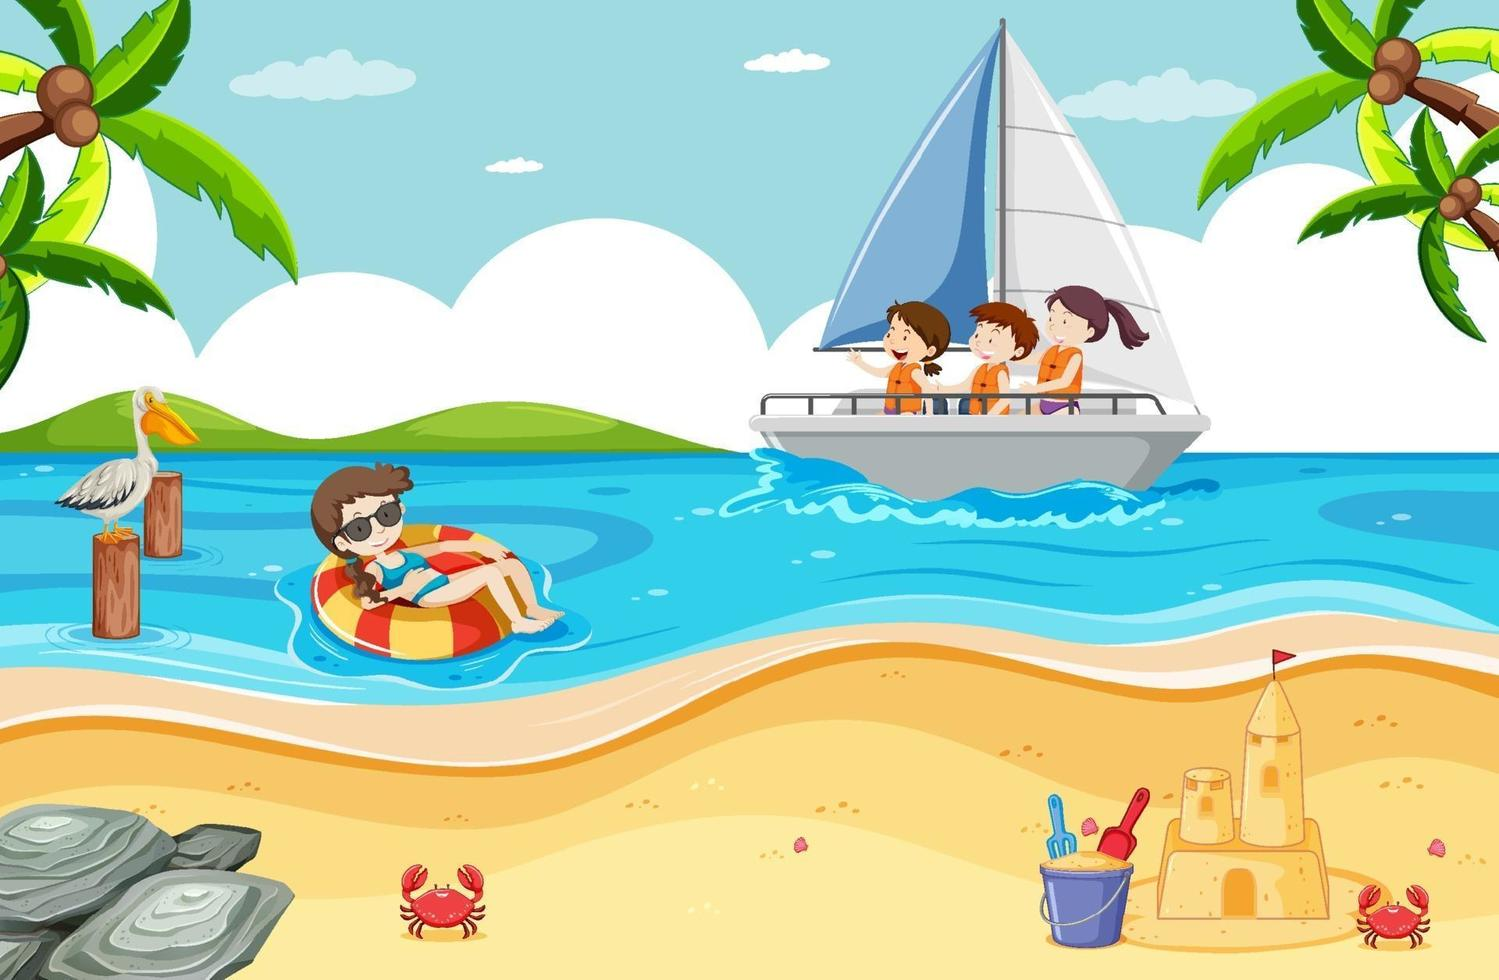 Escena de playa con niños en un velero. vector